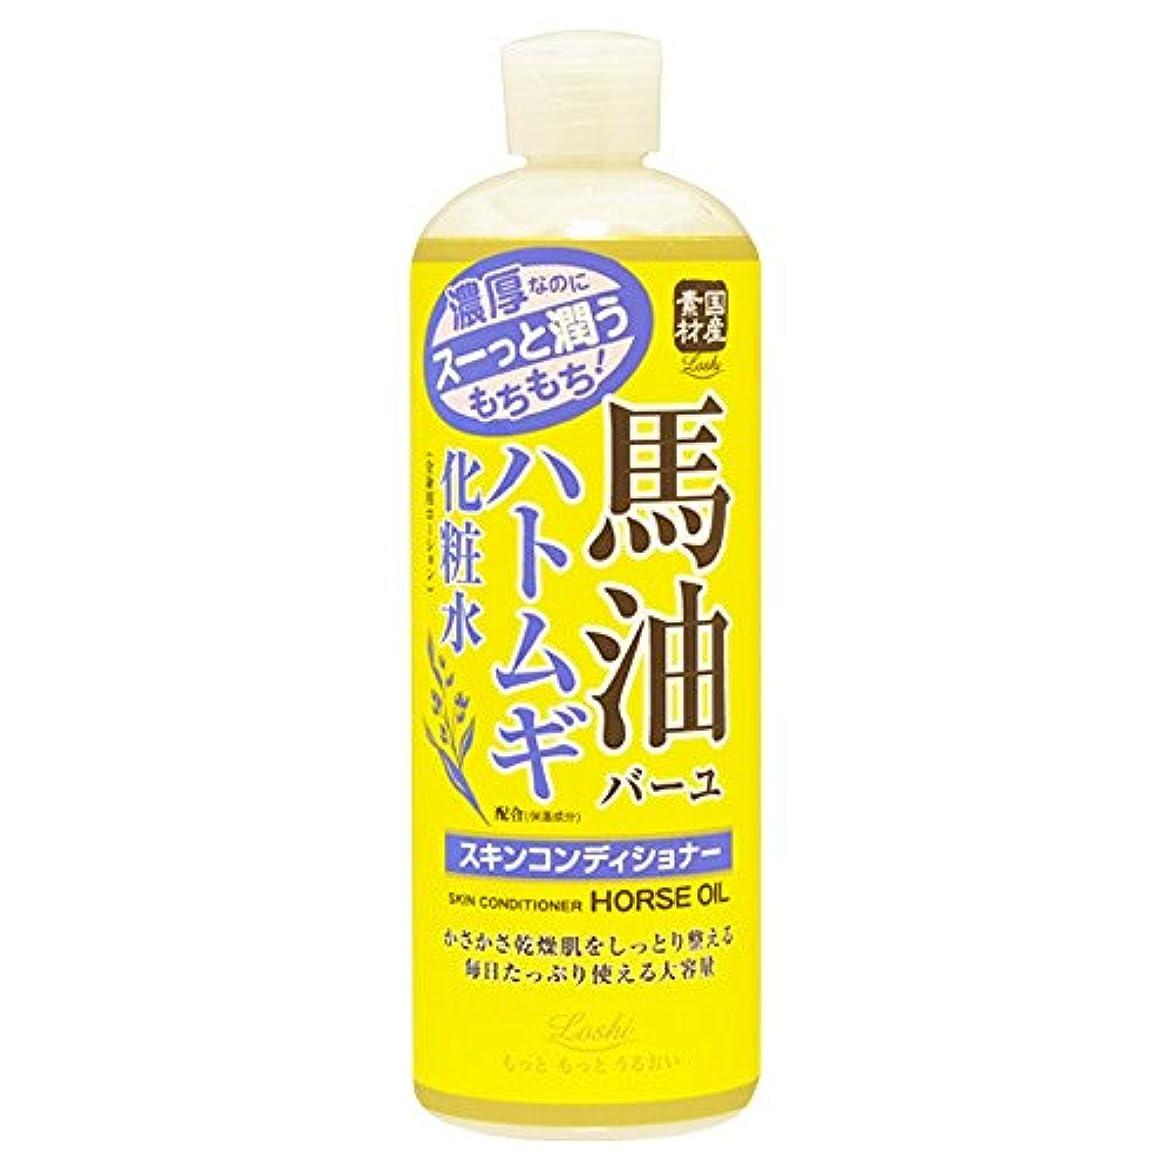 動的原理商業のロッシモイストエイド スキンコンディショナー 馬油&ハトムギ 500ml (化粧水 ローション 高保湿)